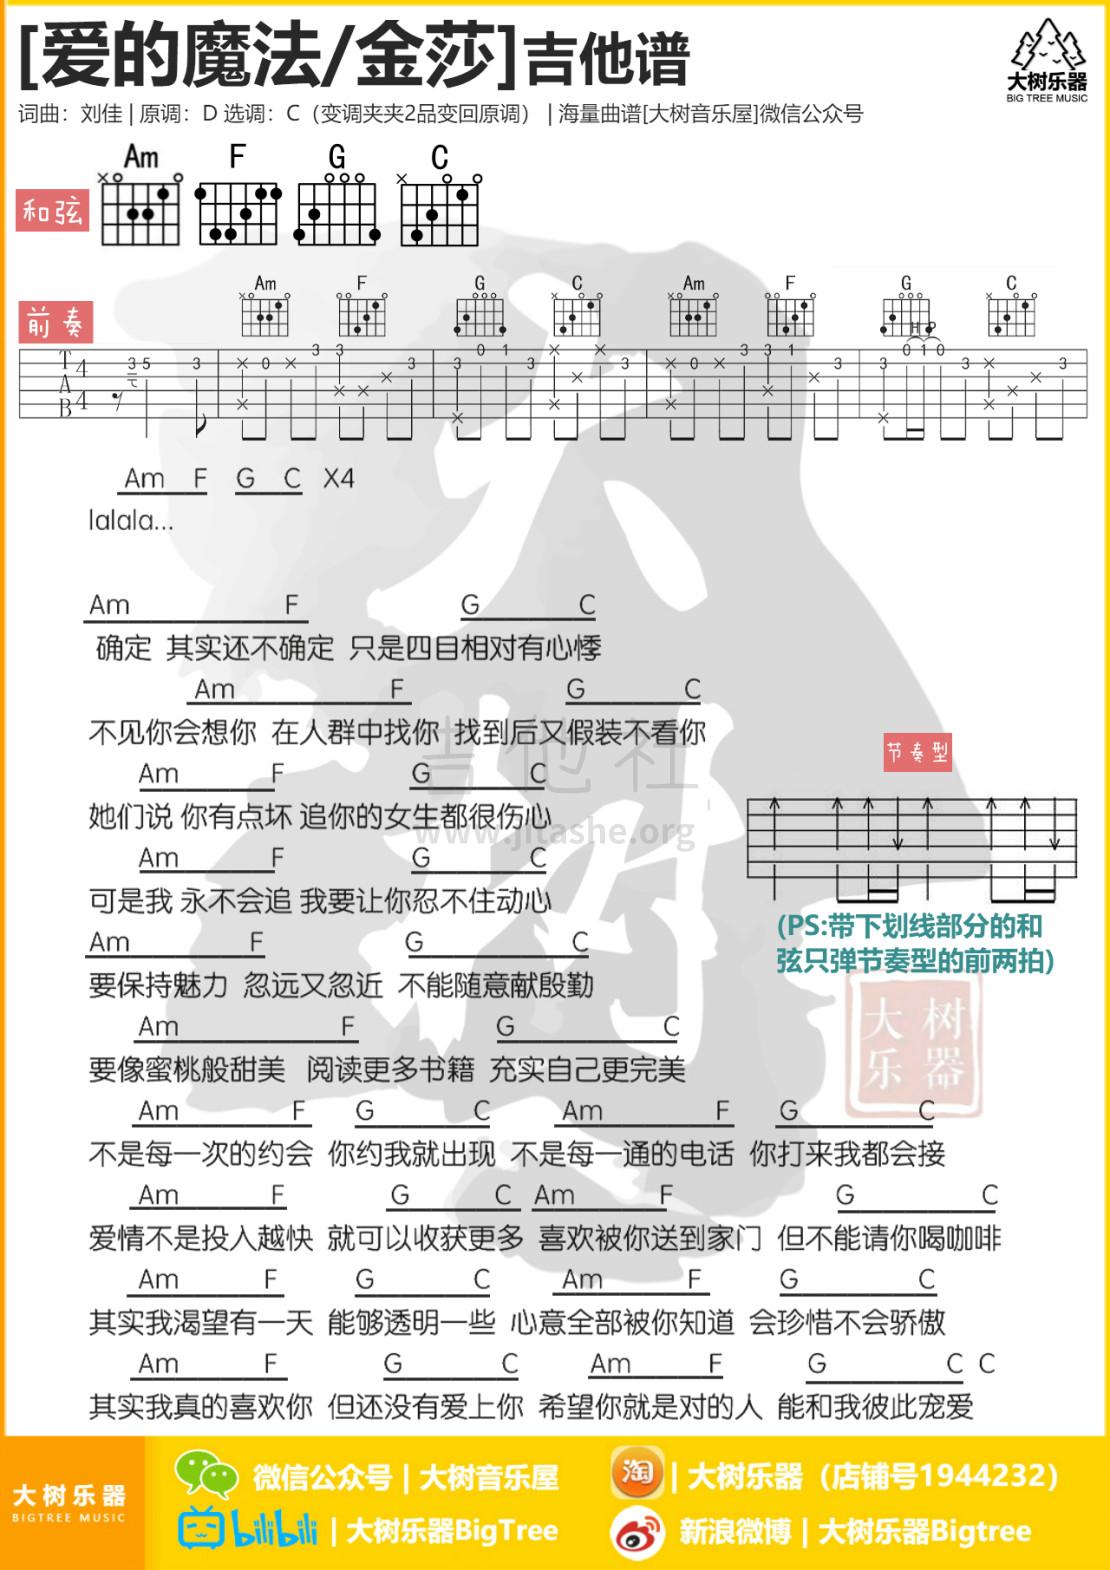 爱的魔法吉他谱(图片谱,弹唱,和弦谱,大树乐器)_金莎(蓝菲琳)_模板_meitu_3_meitu_2_meitu_6.jpg